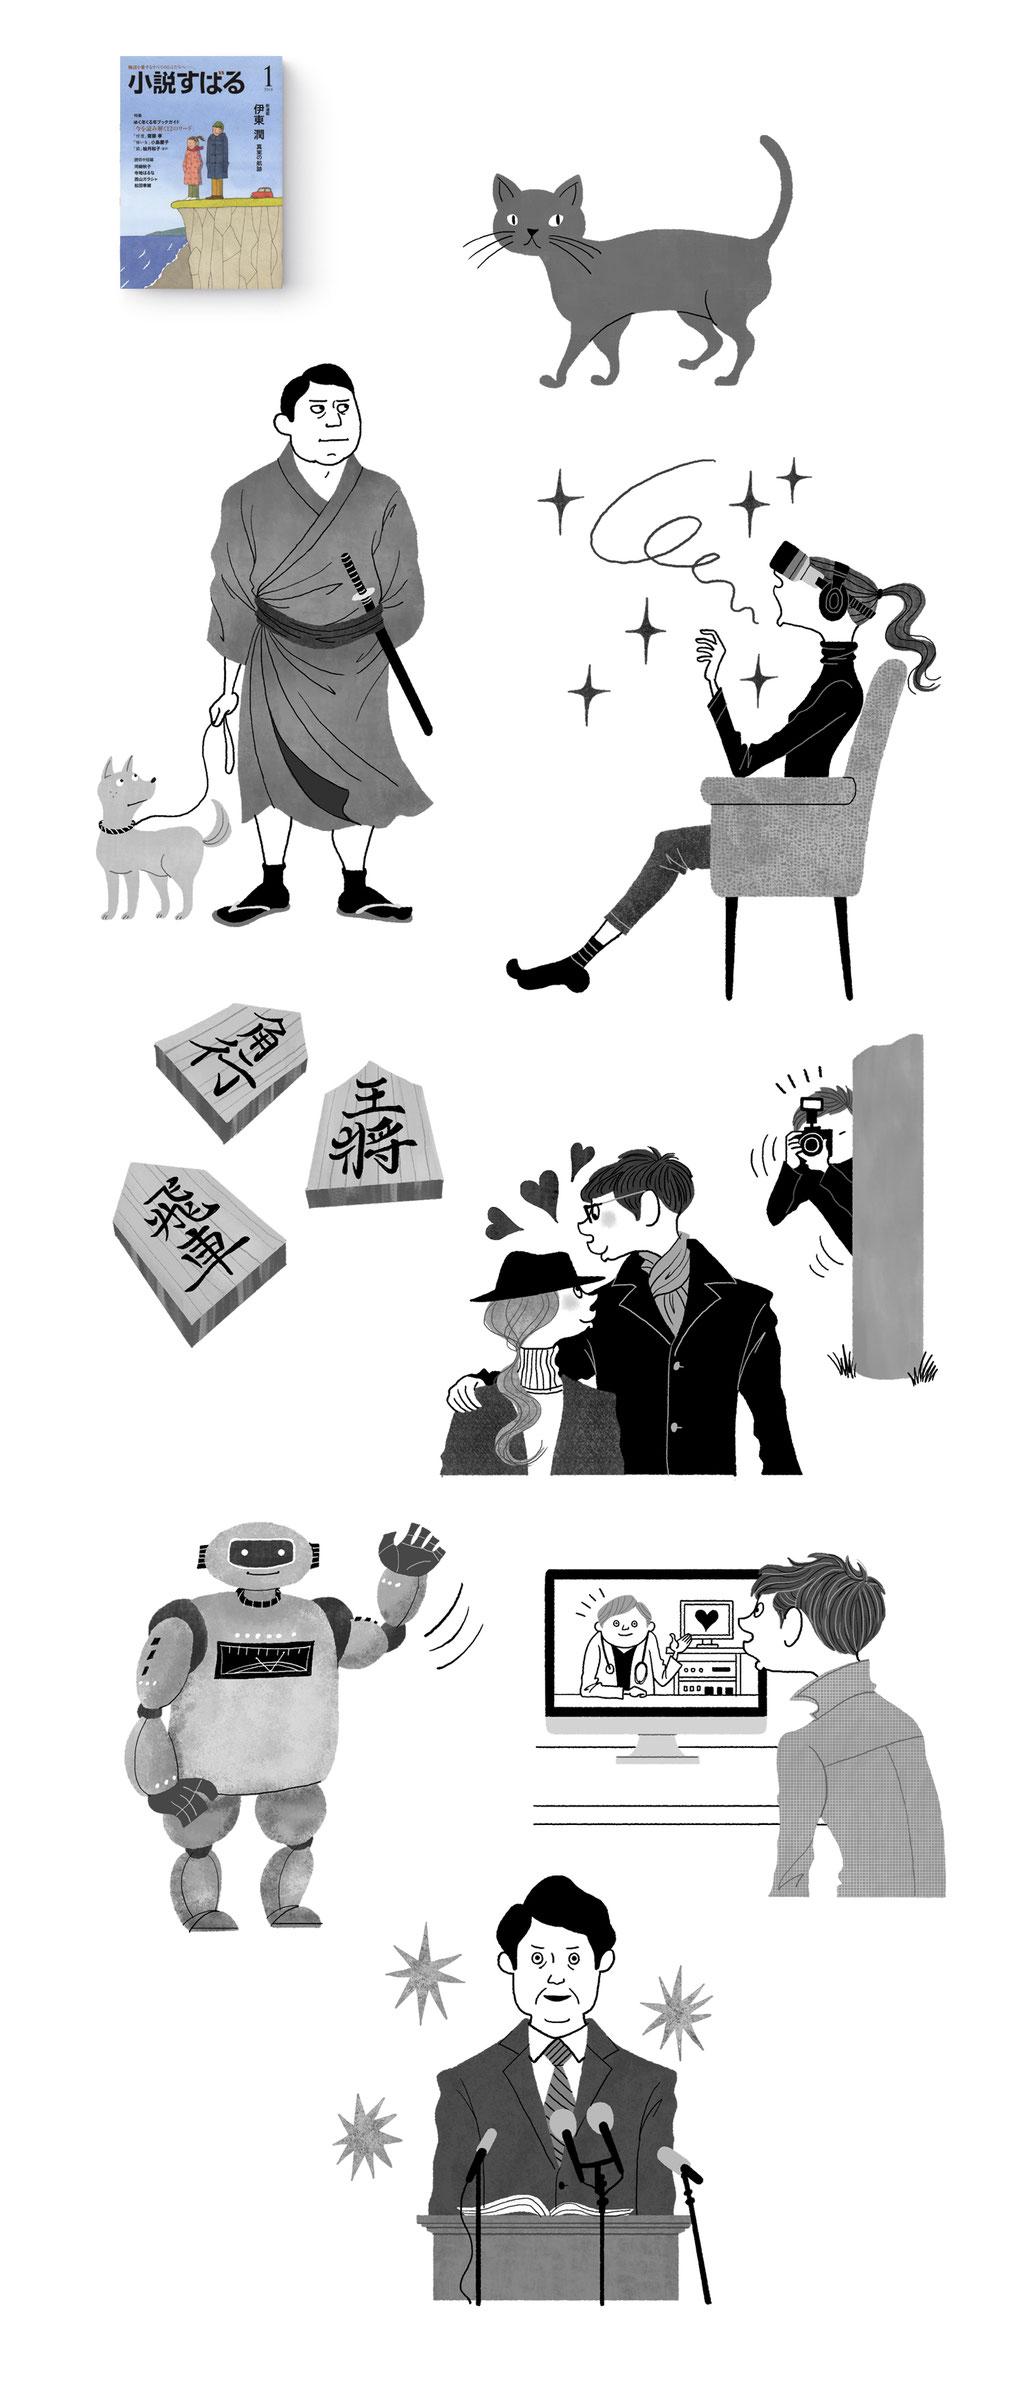 いろいろな時事のイラスト